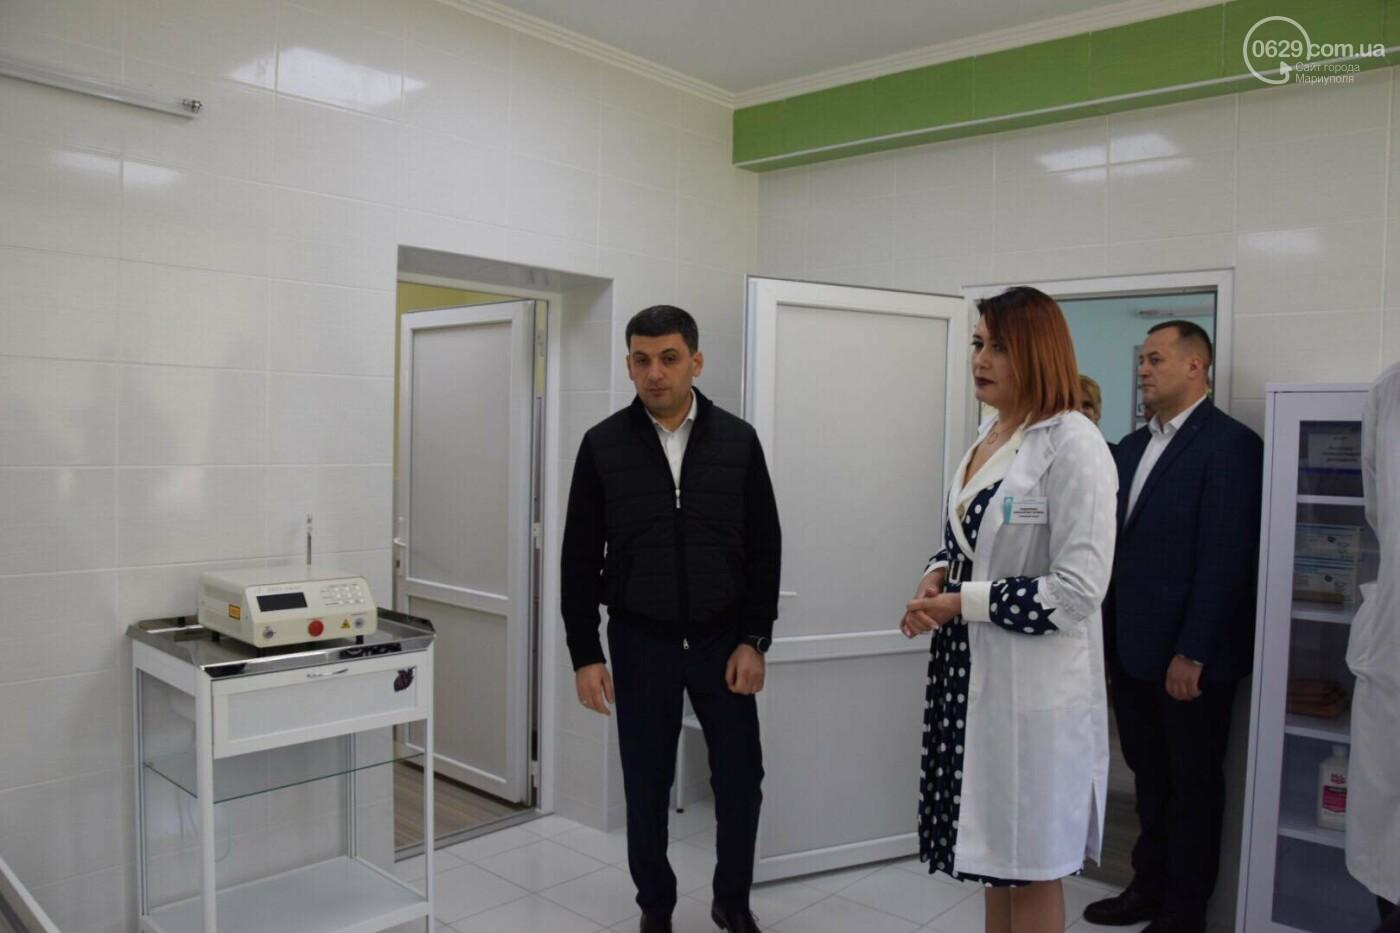 В Мариуполе Владимир Гройсман открыл детскую поликлинику и познакомился с Сережей, - ФОТОРЕПОРТАЖ, ВИДЕО, фото-43